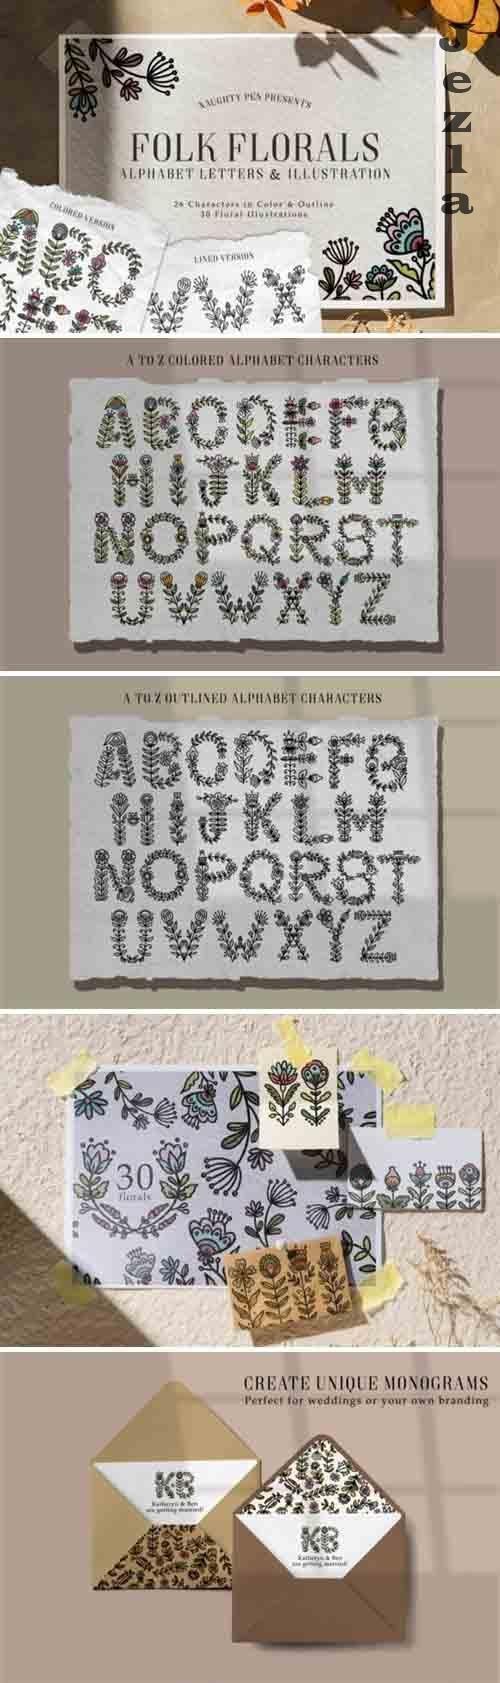 Folk Floral Alphabet Letters and Illustration - 1082438